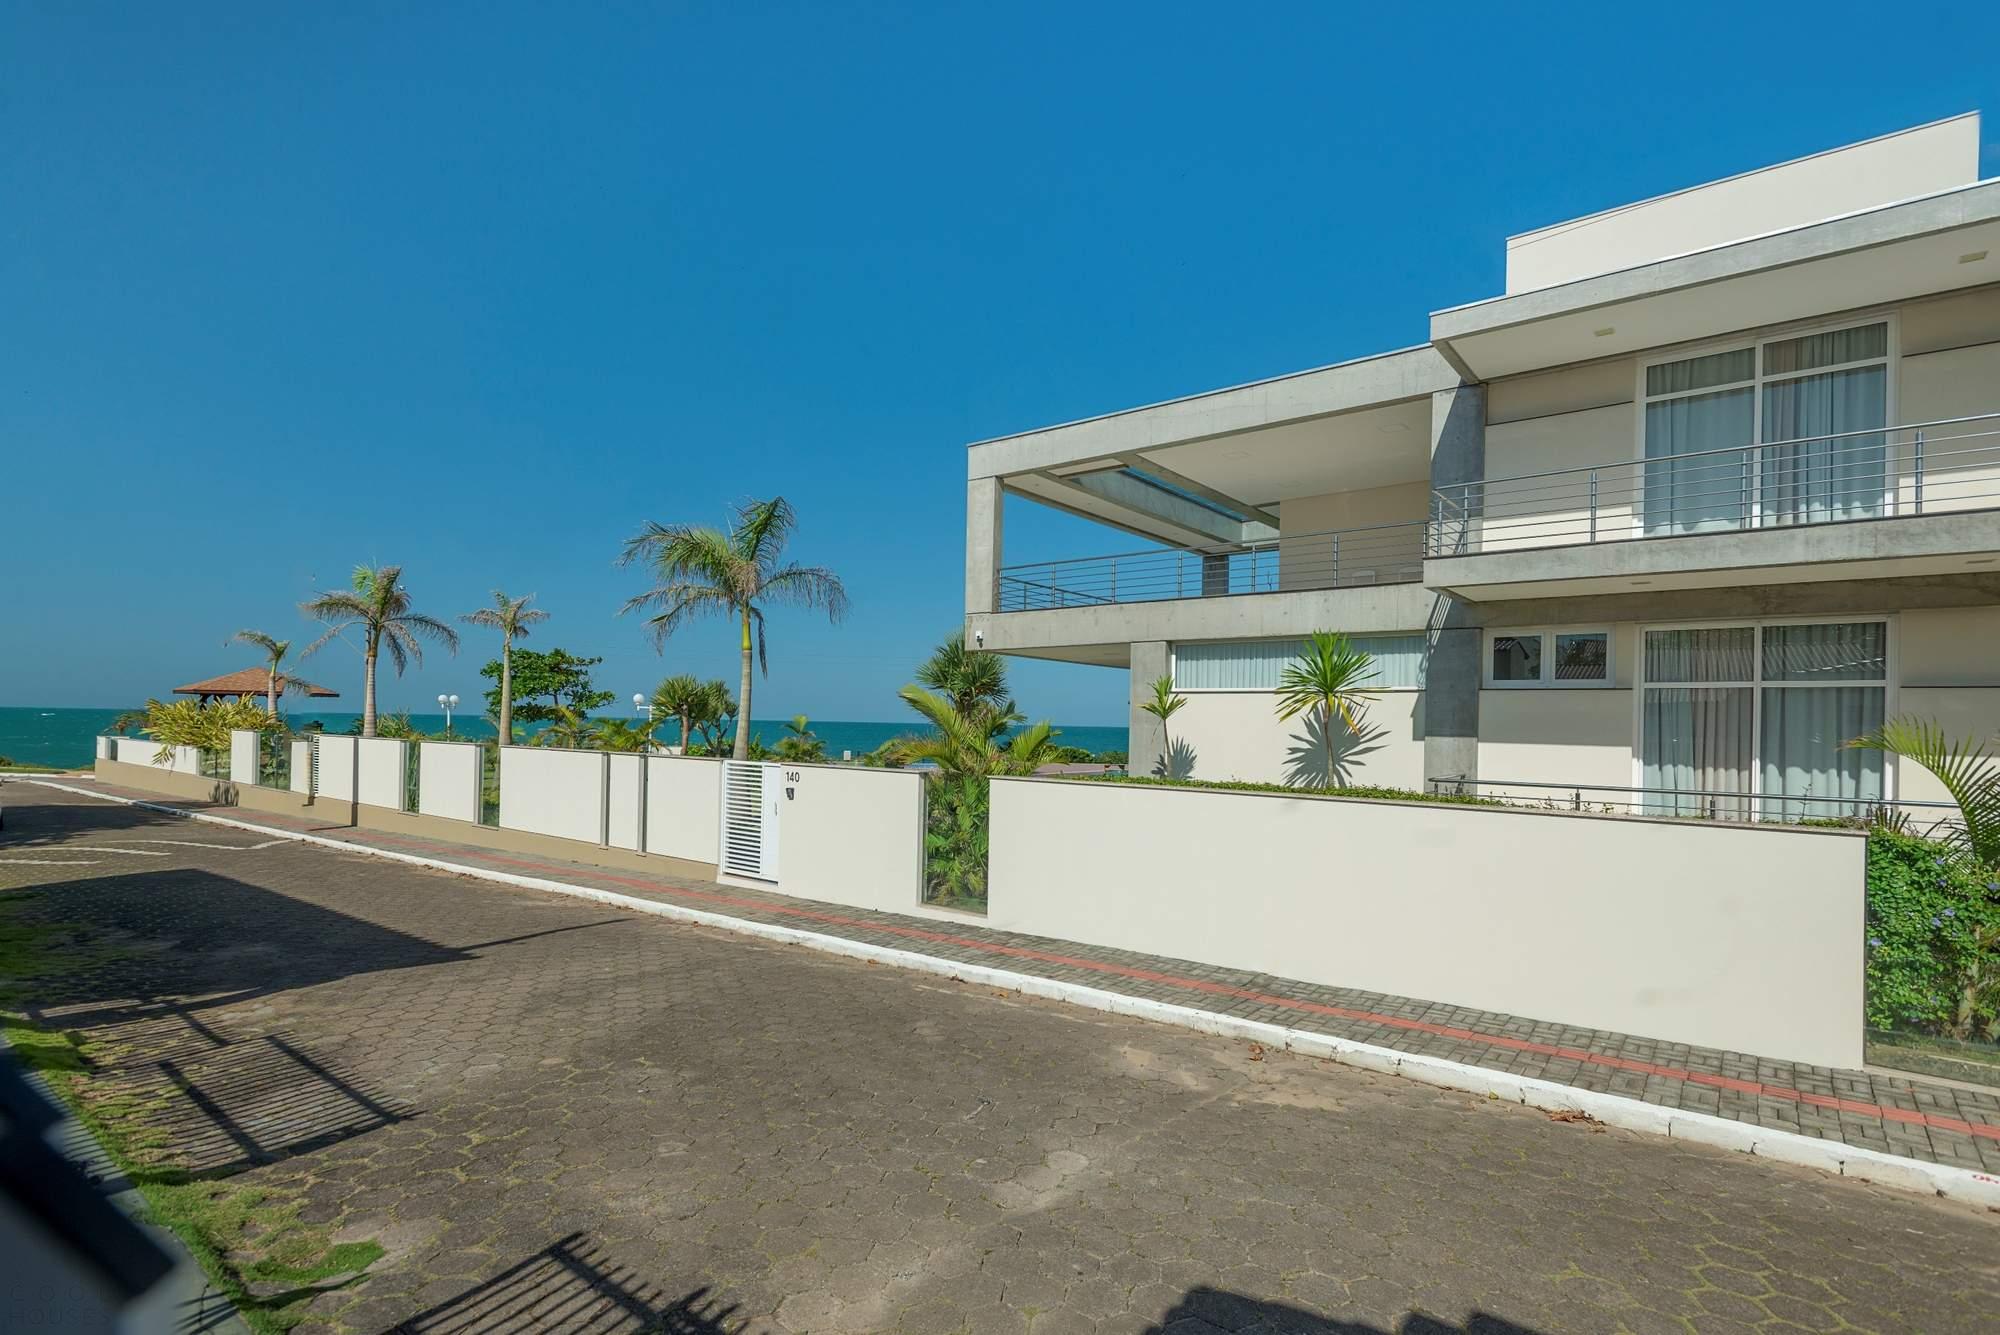 Современная резиденция с видом на море, Бразилия